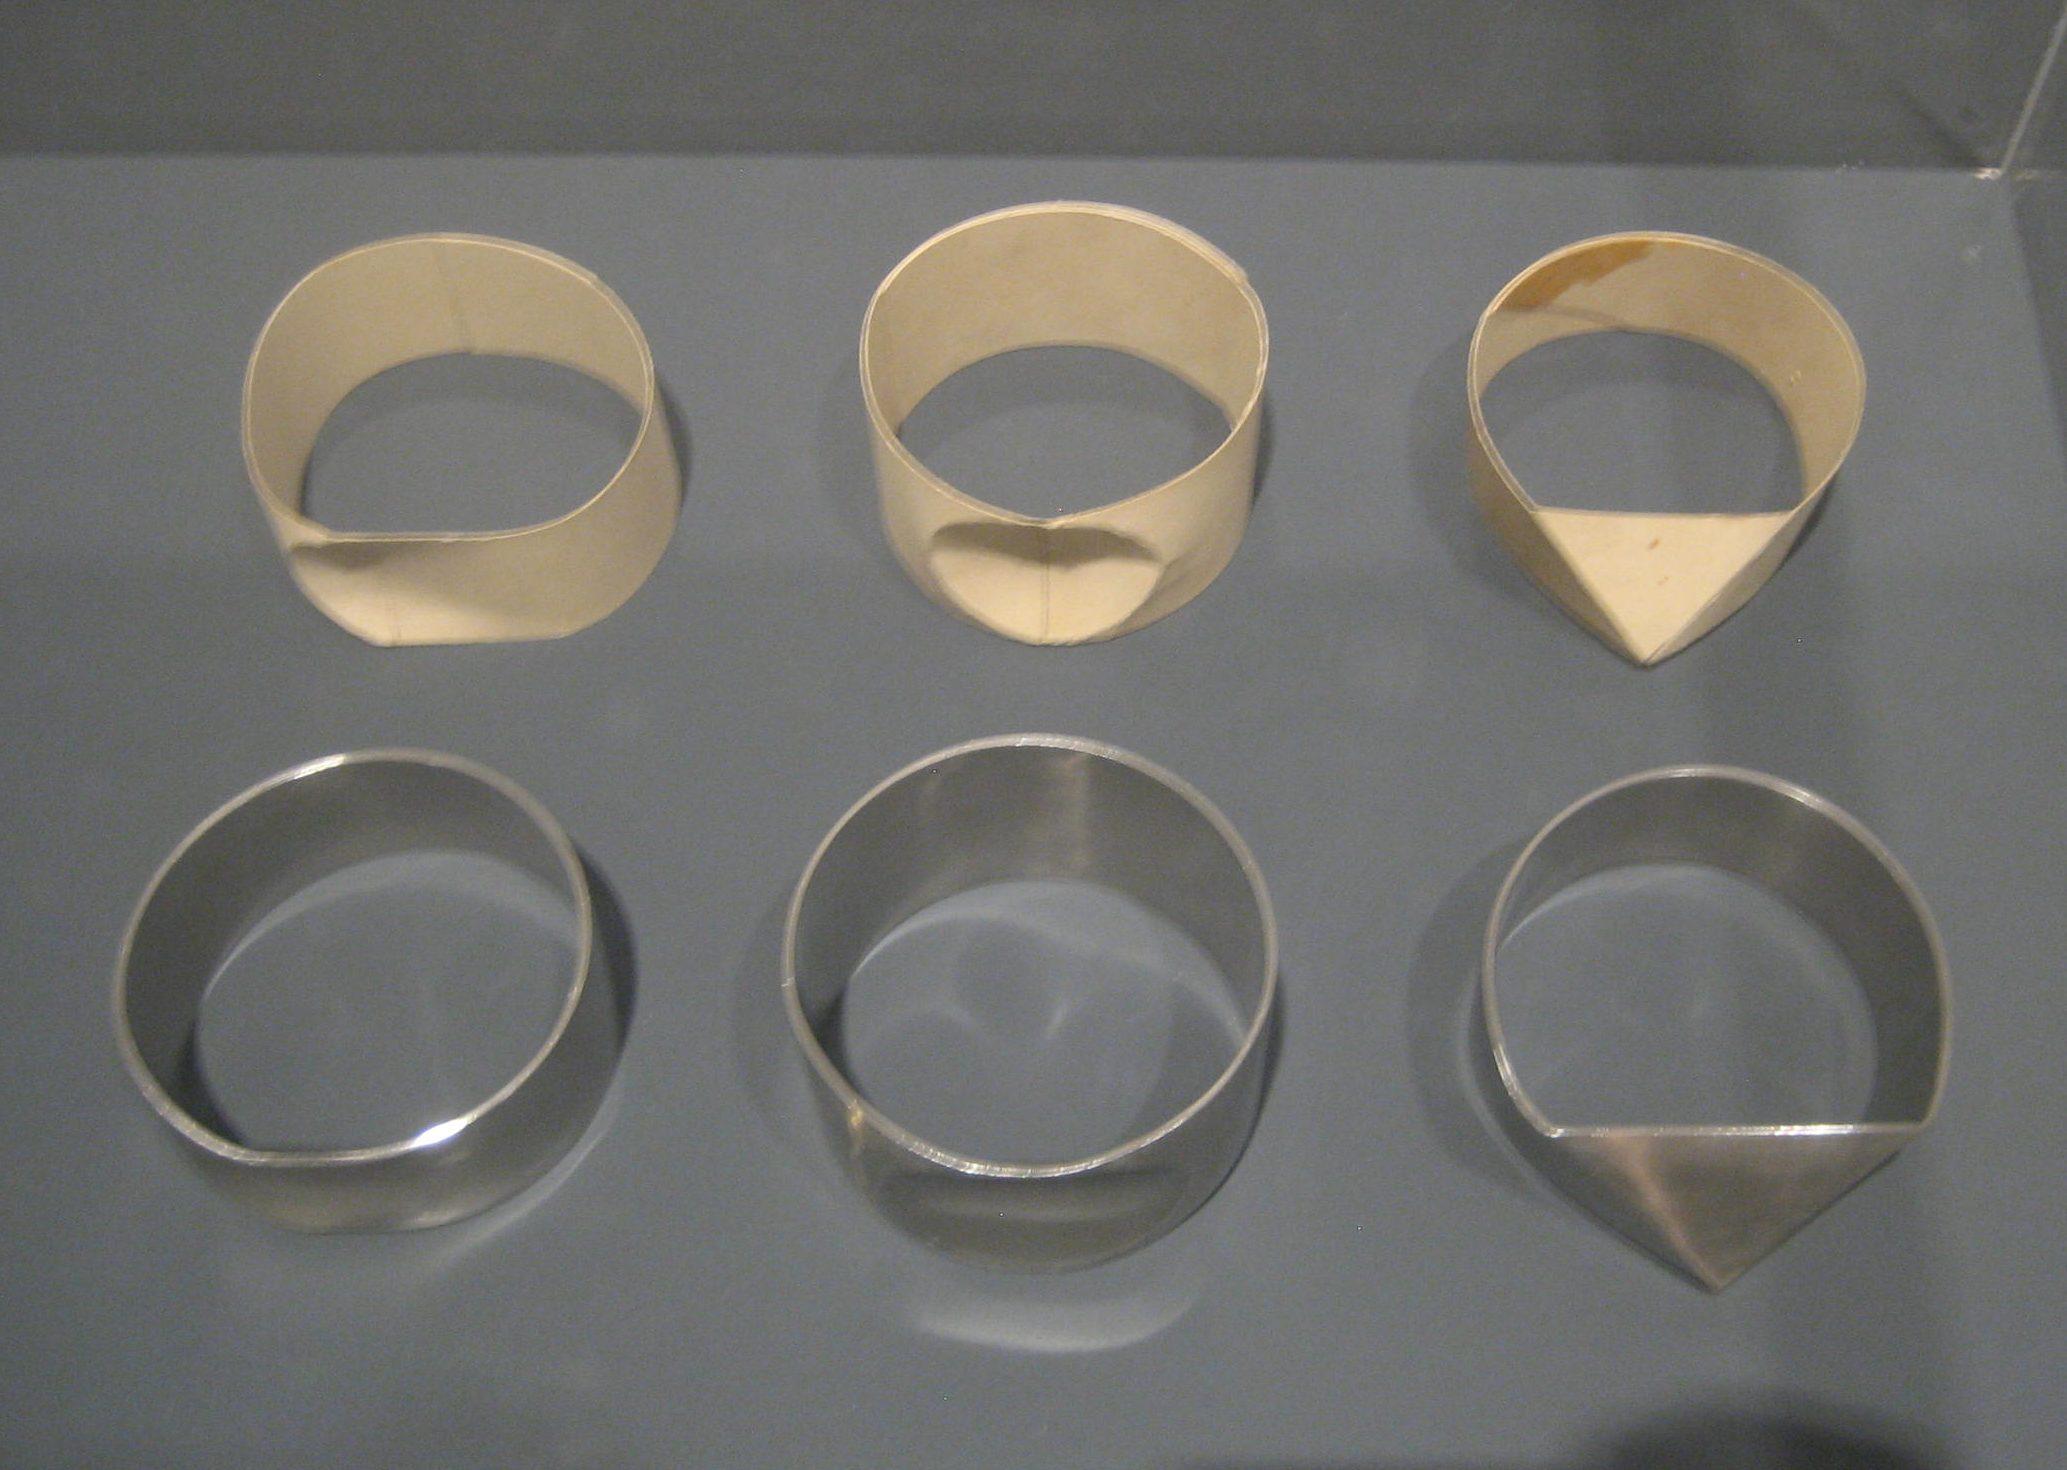 Emmy van Leersum, prototypes en armbanden, 1968. Toen Emmy nu Gijs. Collectie Design Museum Den Bosch, metaal, vitrine, tentoonstelling